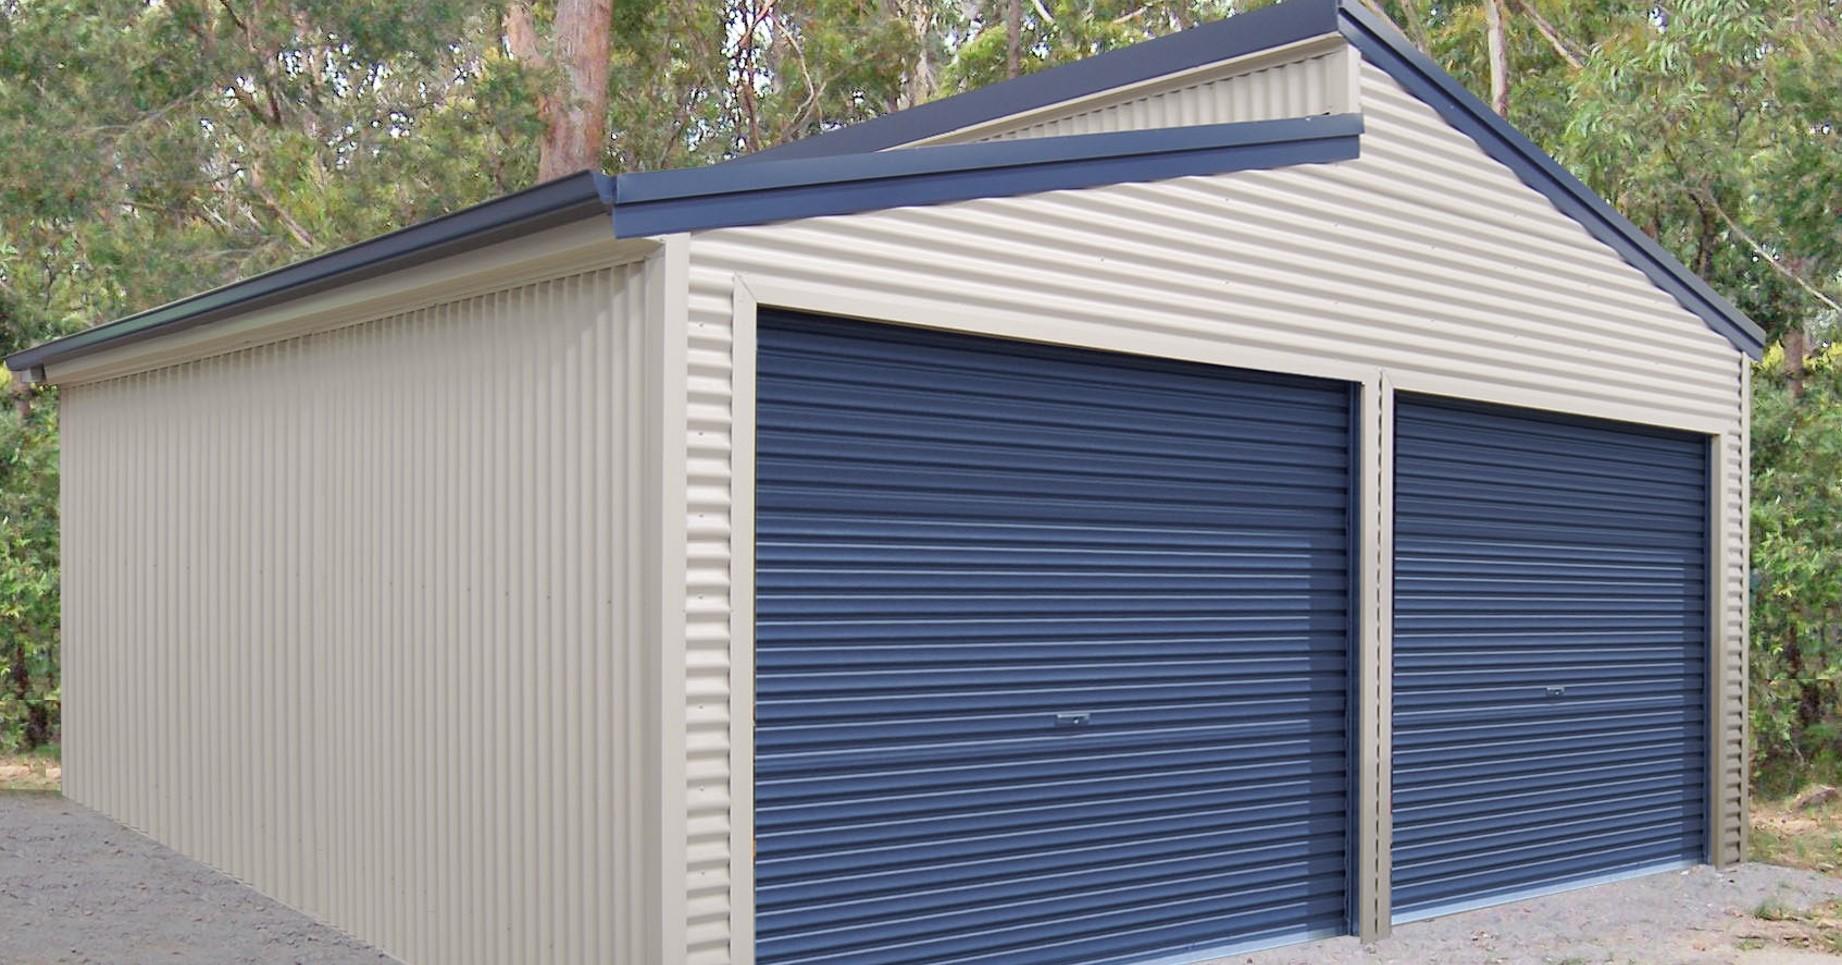 Skillion Sheds Cairns Tablelands Cardinal Metal Roofing Fair Dinkum Sheds Cairns